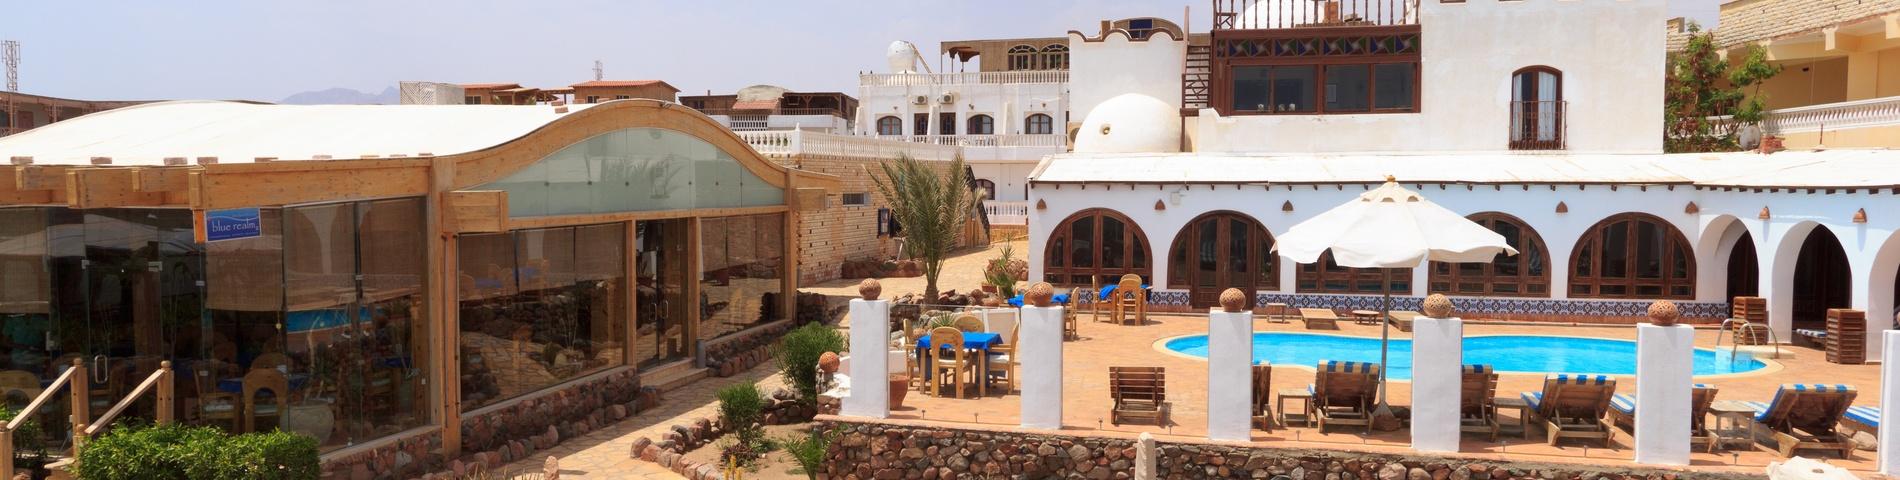 Blue Beach Club School Of Arabic Language afbeelding 1